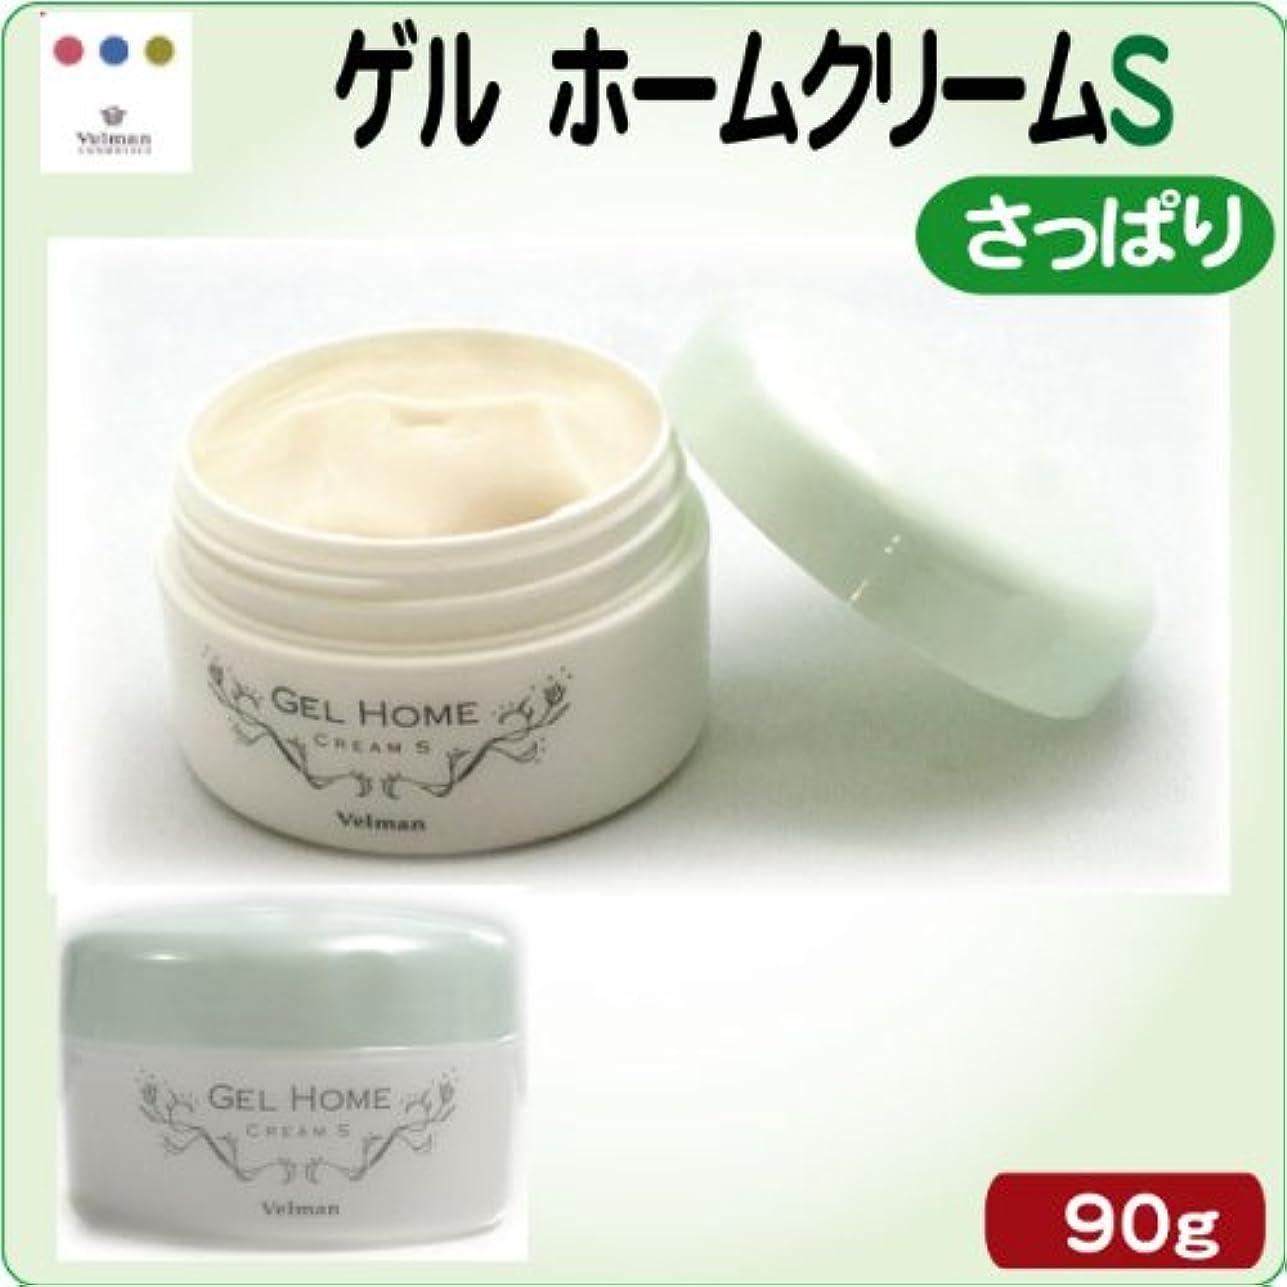 分析的なコンクリート母音ベルマン化粧品 NONLOOSE ゲルホームクリームS 【さっぱりタイプ】 90g